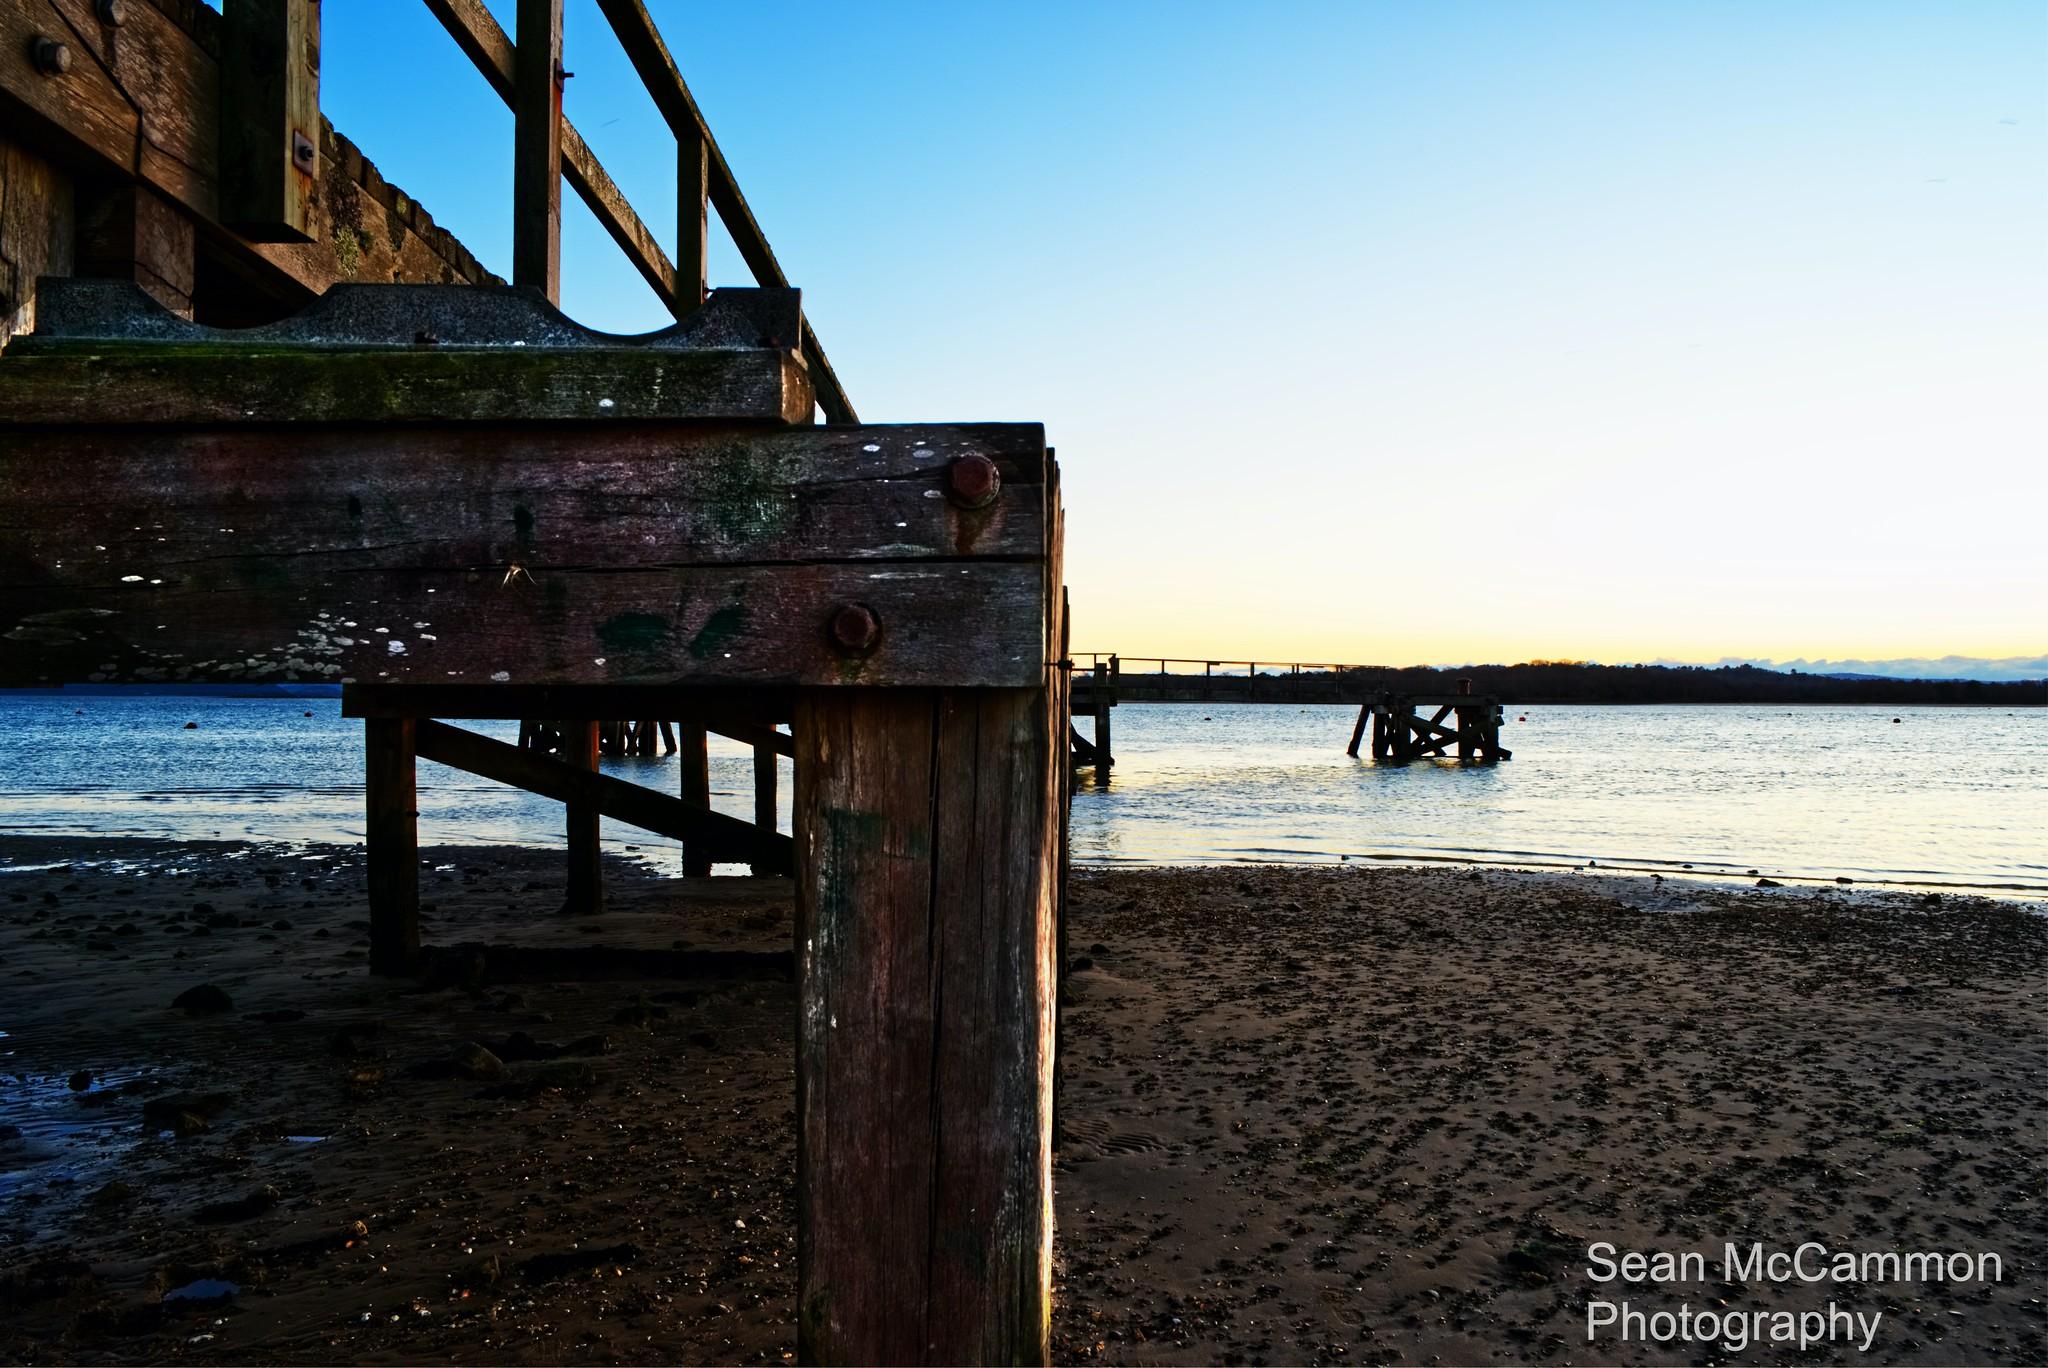 The Lake Pier